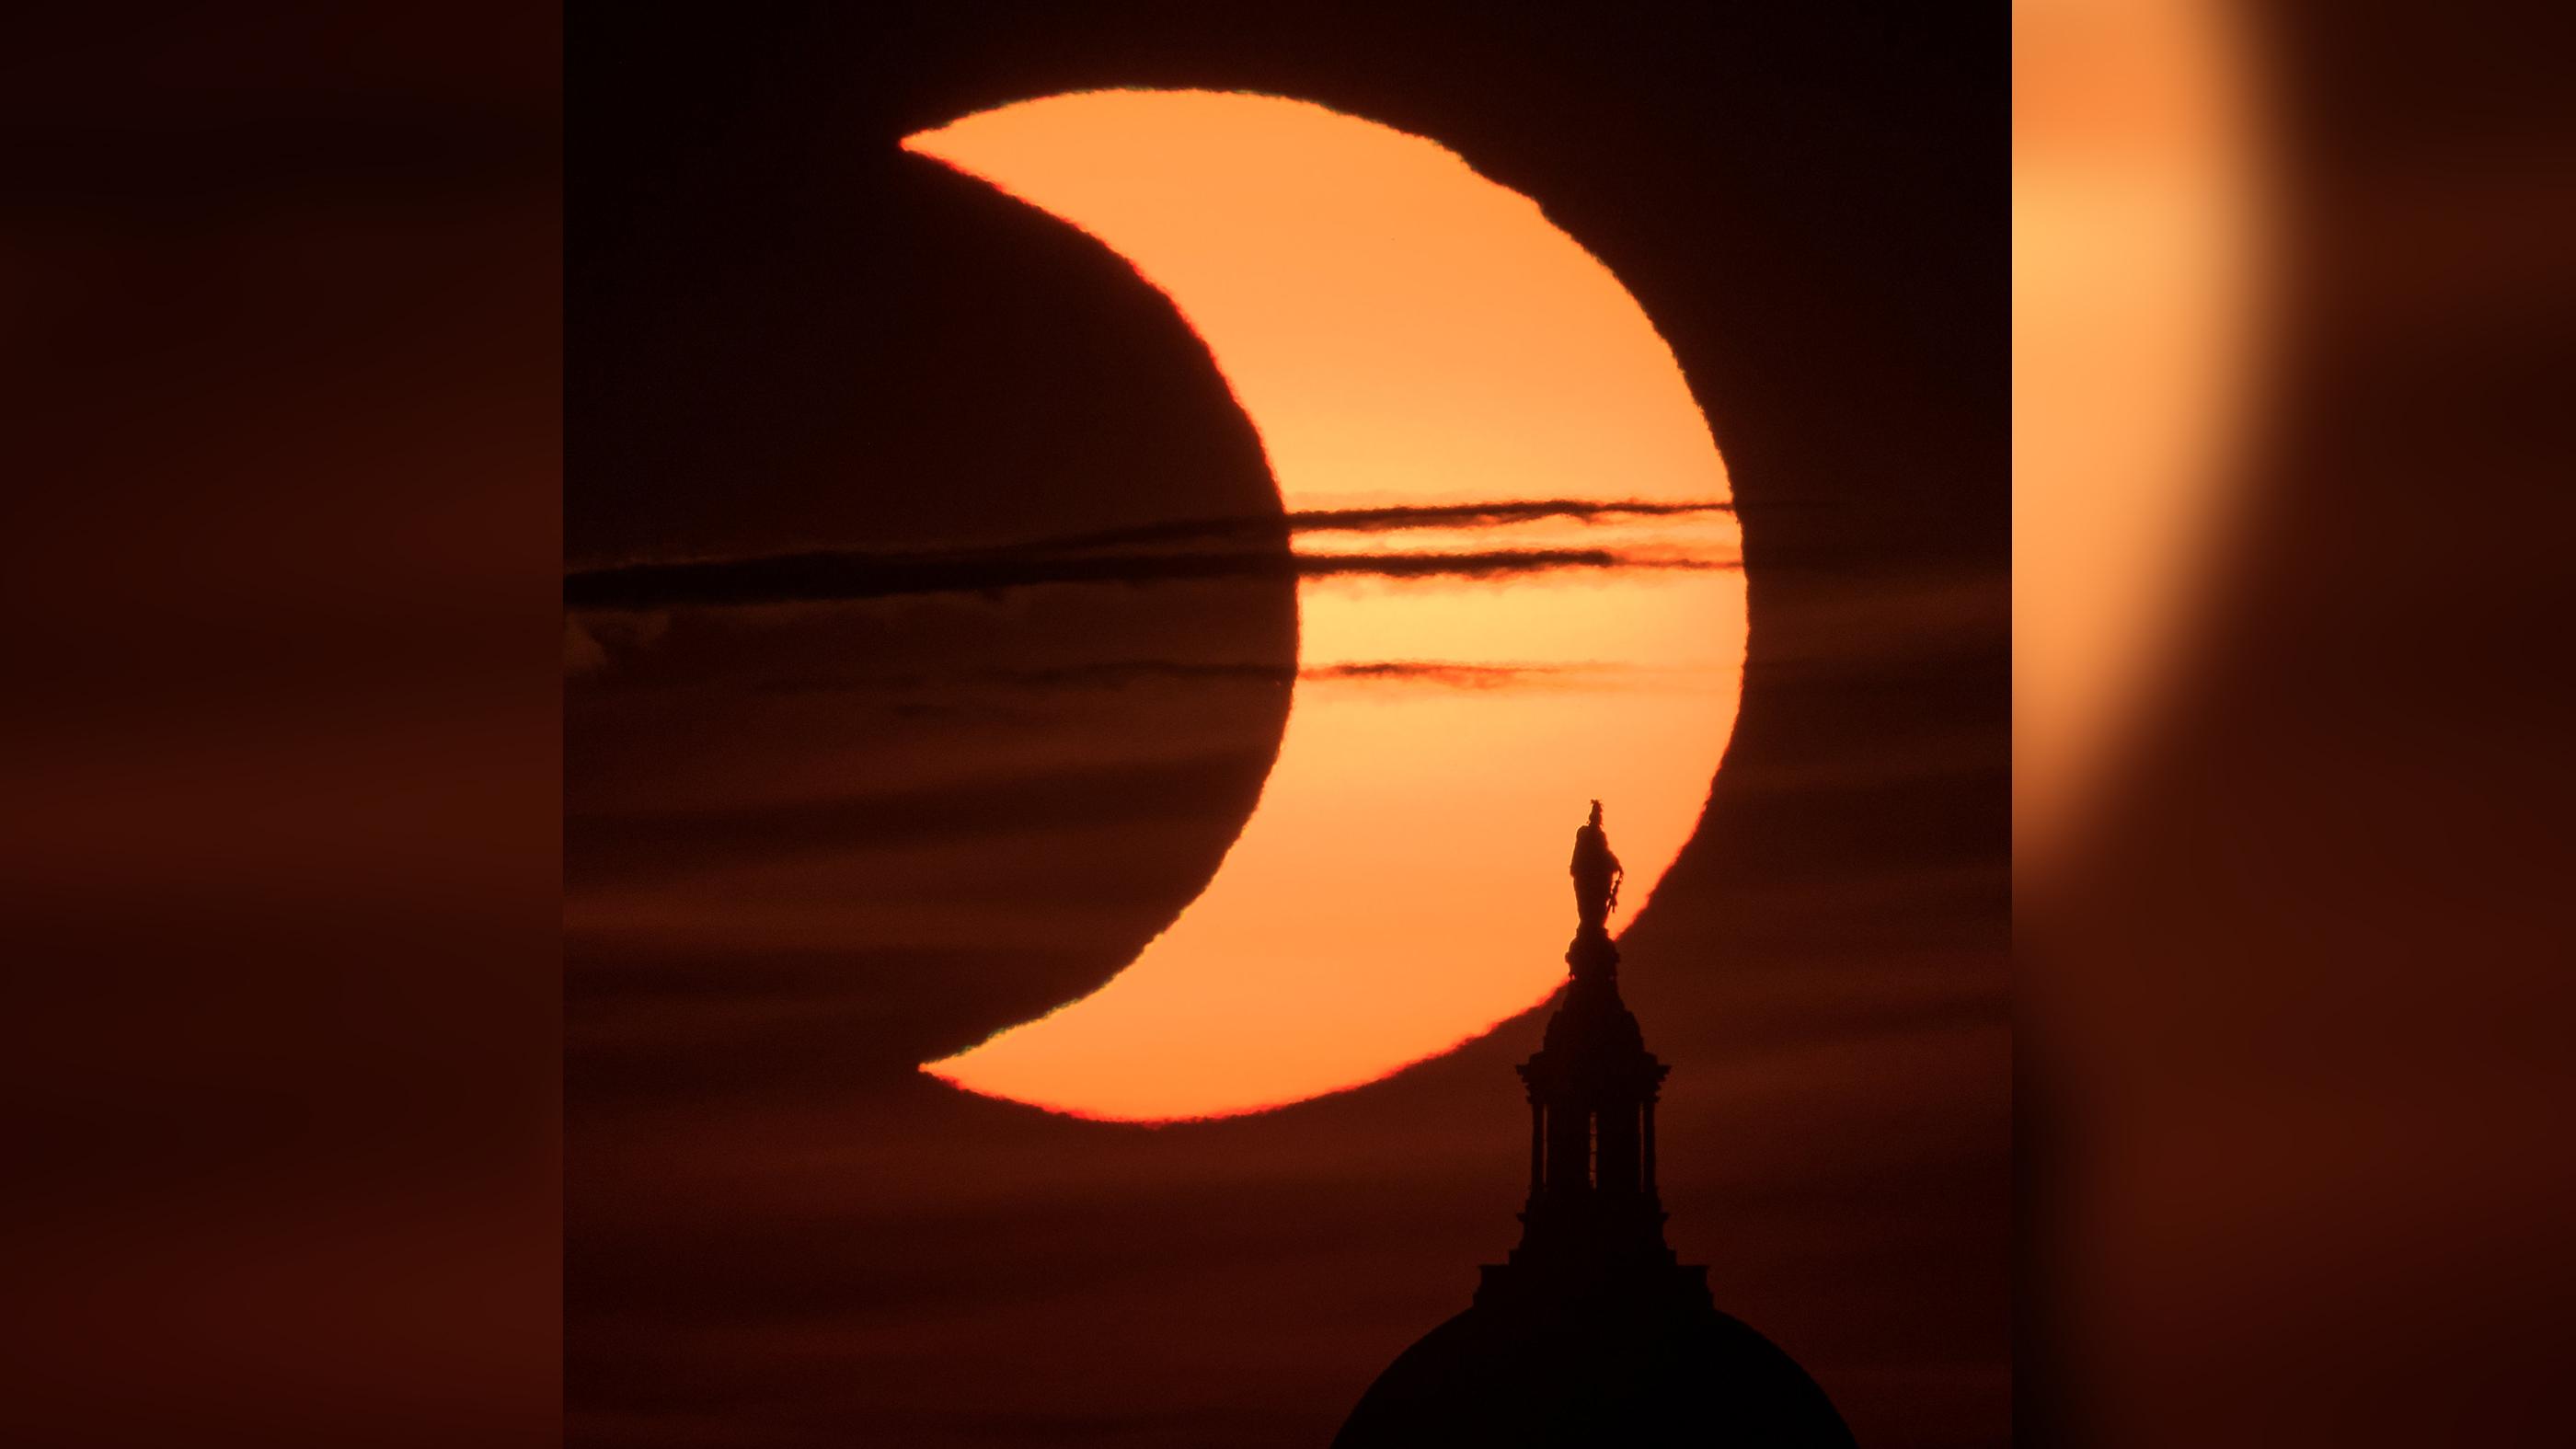 Une éclipse solaire partielle est observée alors que le soleil se lève derrière la Statue de la Liberté au sommet du Capitole des États-Unis, le jeudi 10 juin 2021, vue d'Arlington, en Virginie.